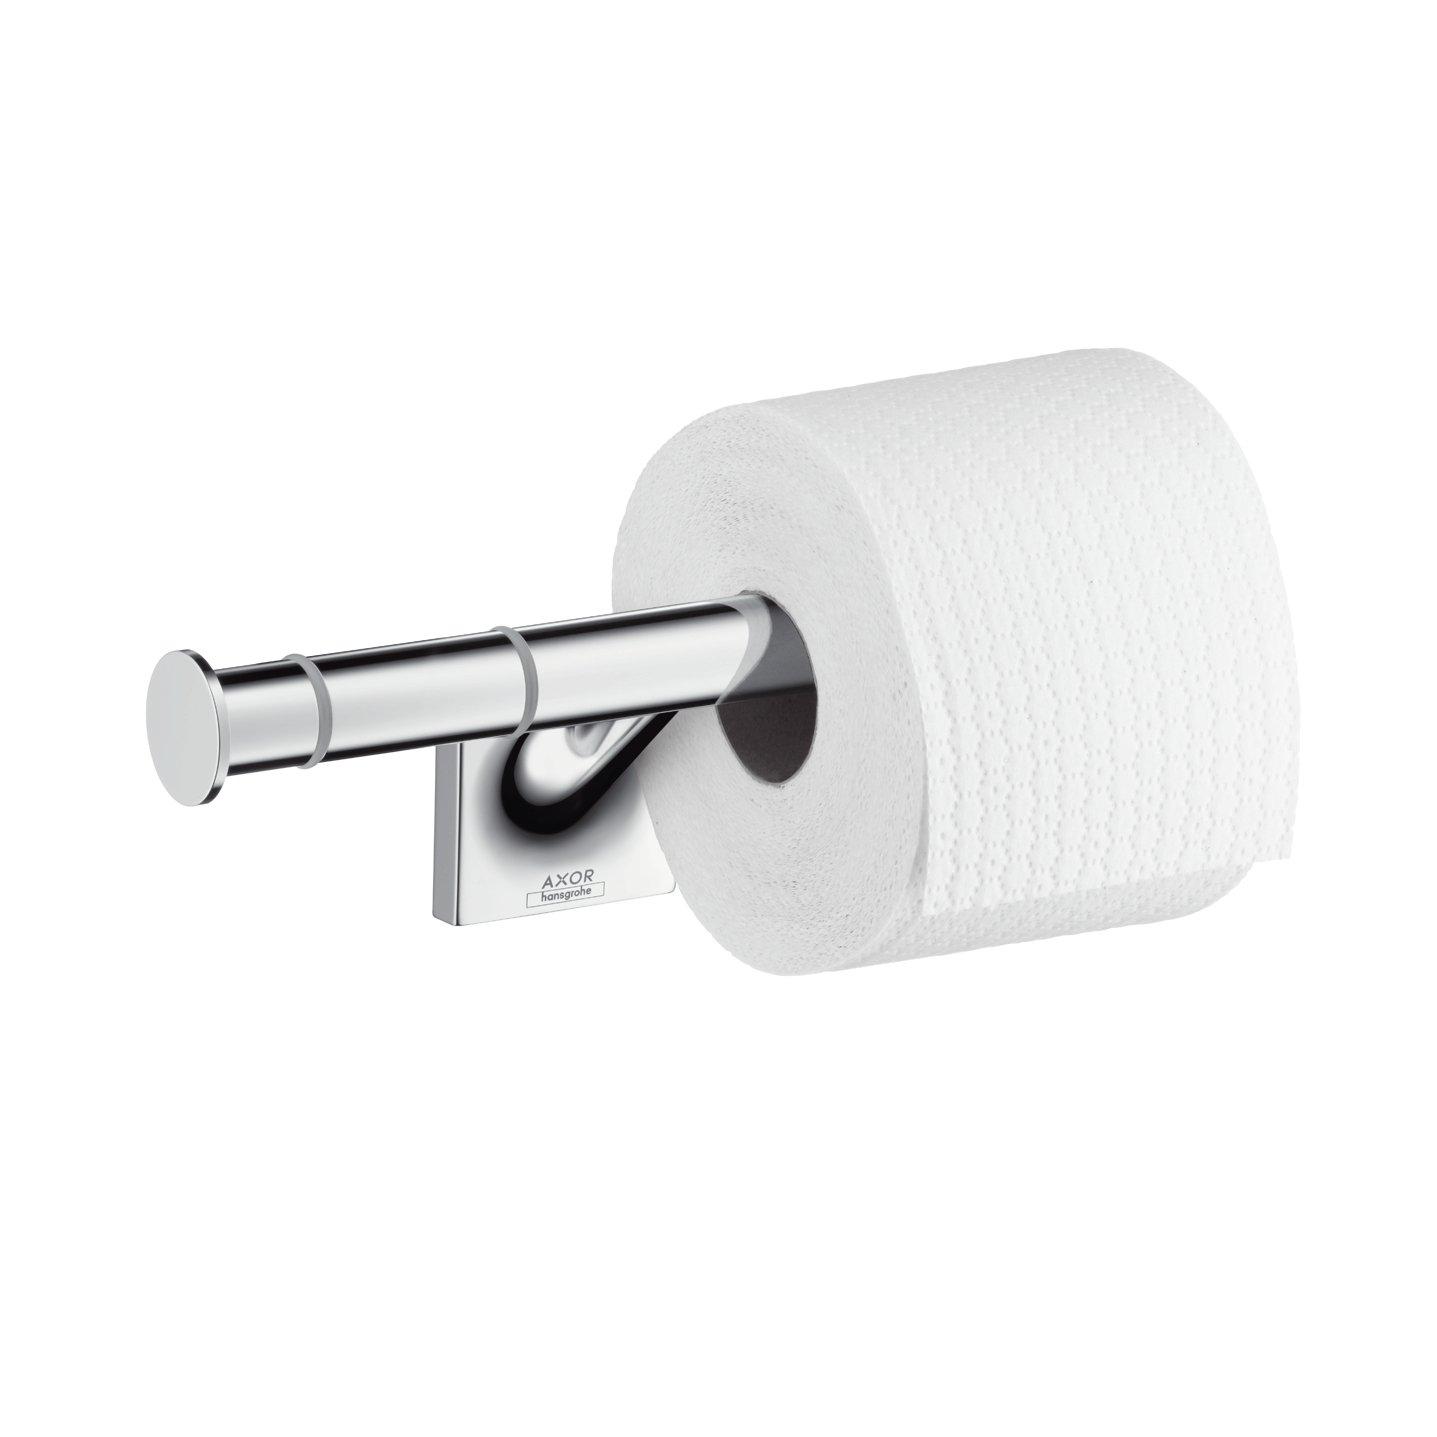 Accessoires Salle De Bain Axor ~ hansgrohe axor hansgrohe accessoires salle de bains wc porte